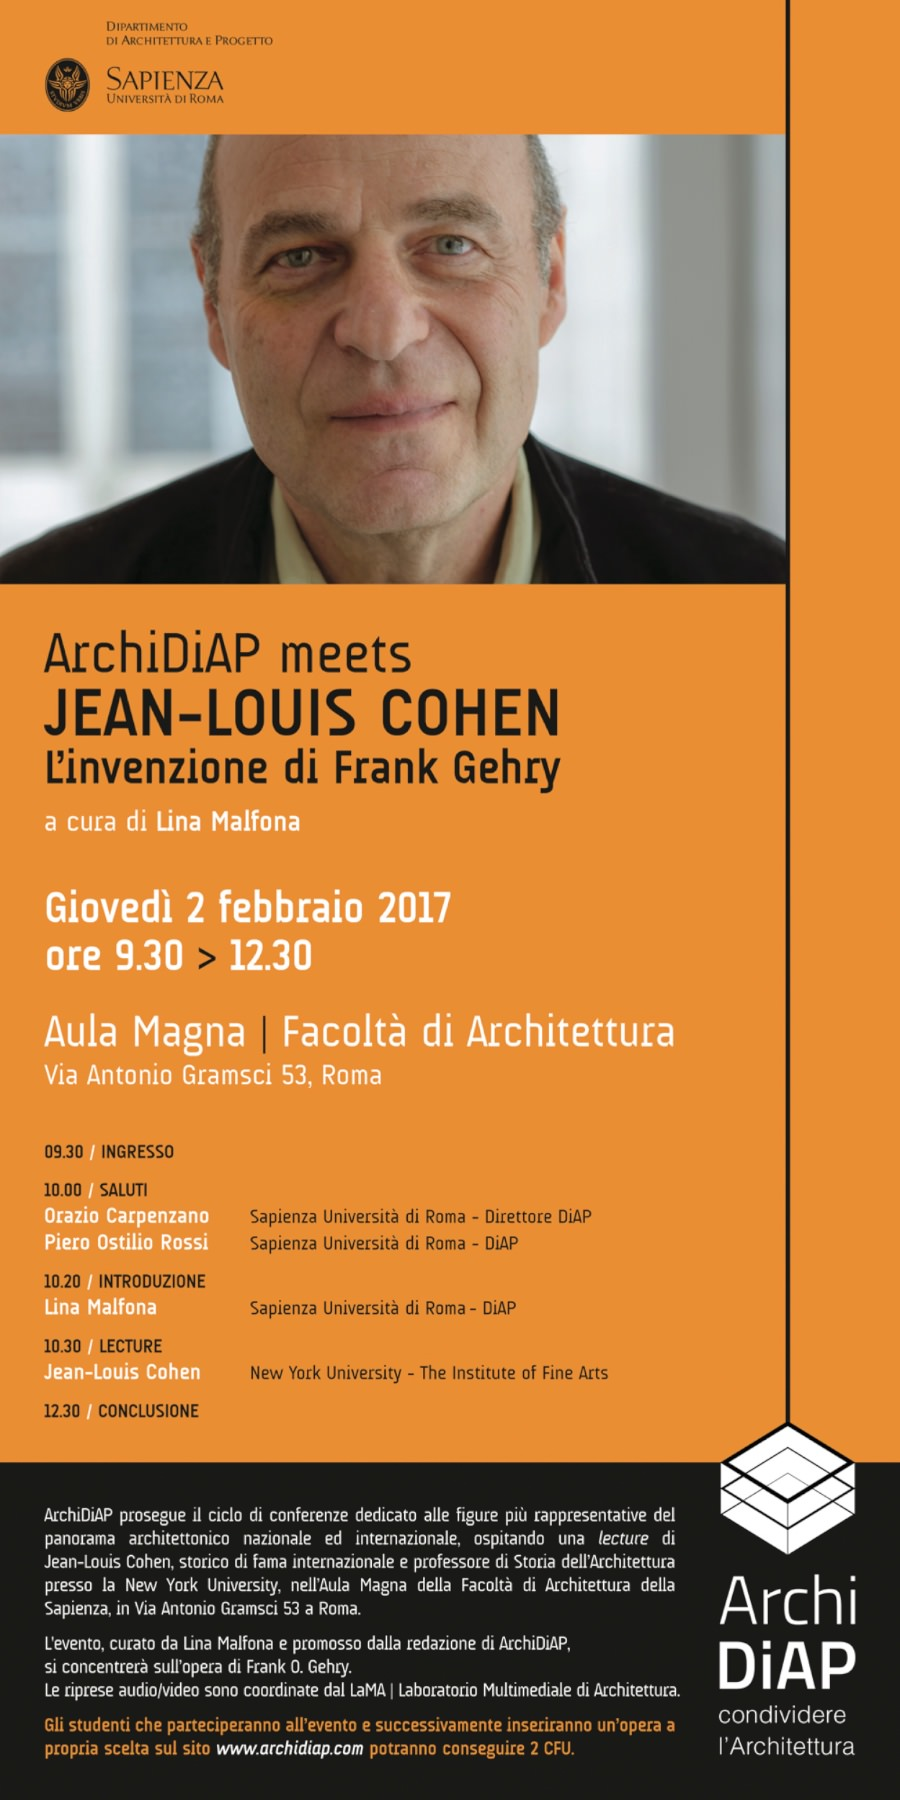 ArchiDiAP meets Jean-Louis Cohen